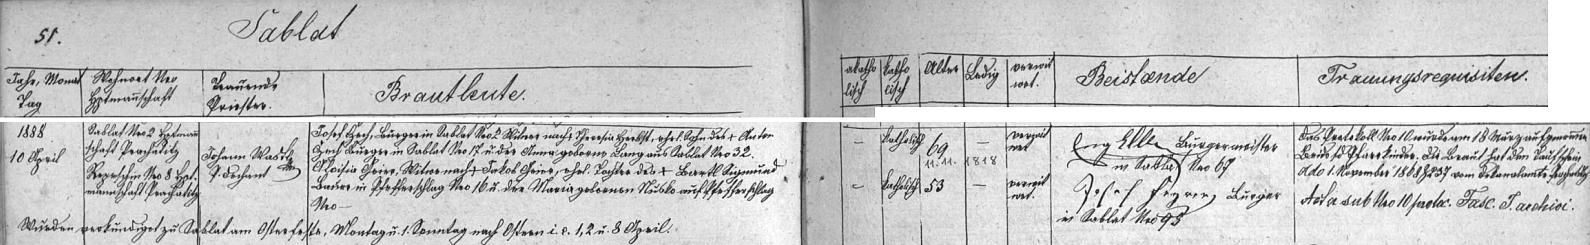 Záznam o jeho druhé svatbě v 69 letech věku v záblatské oddací matrice